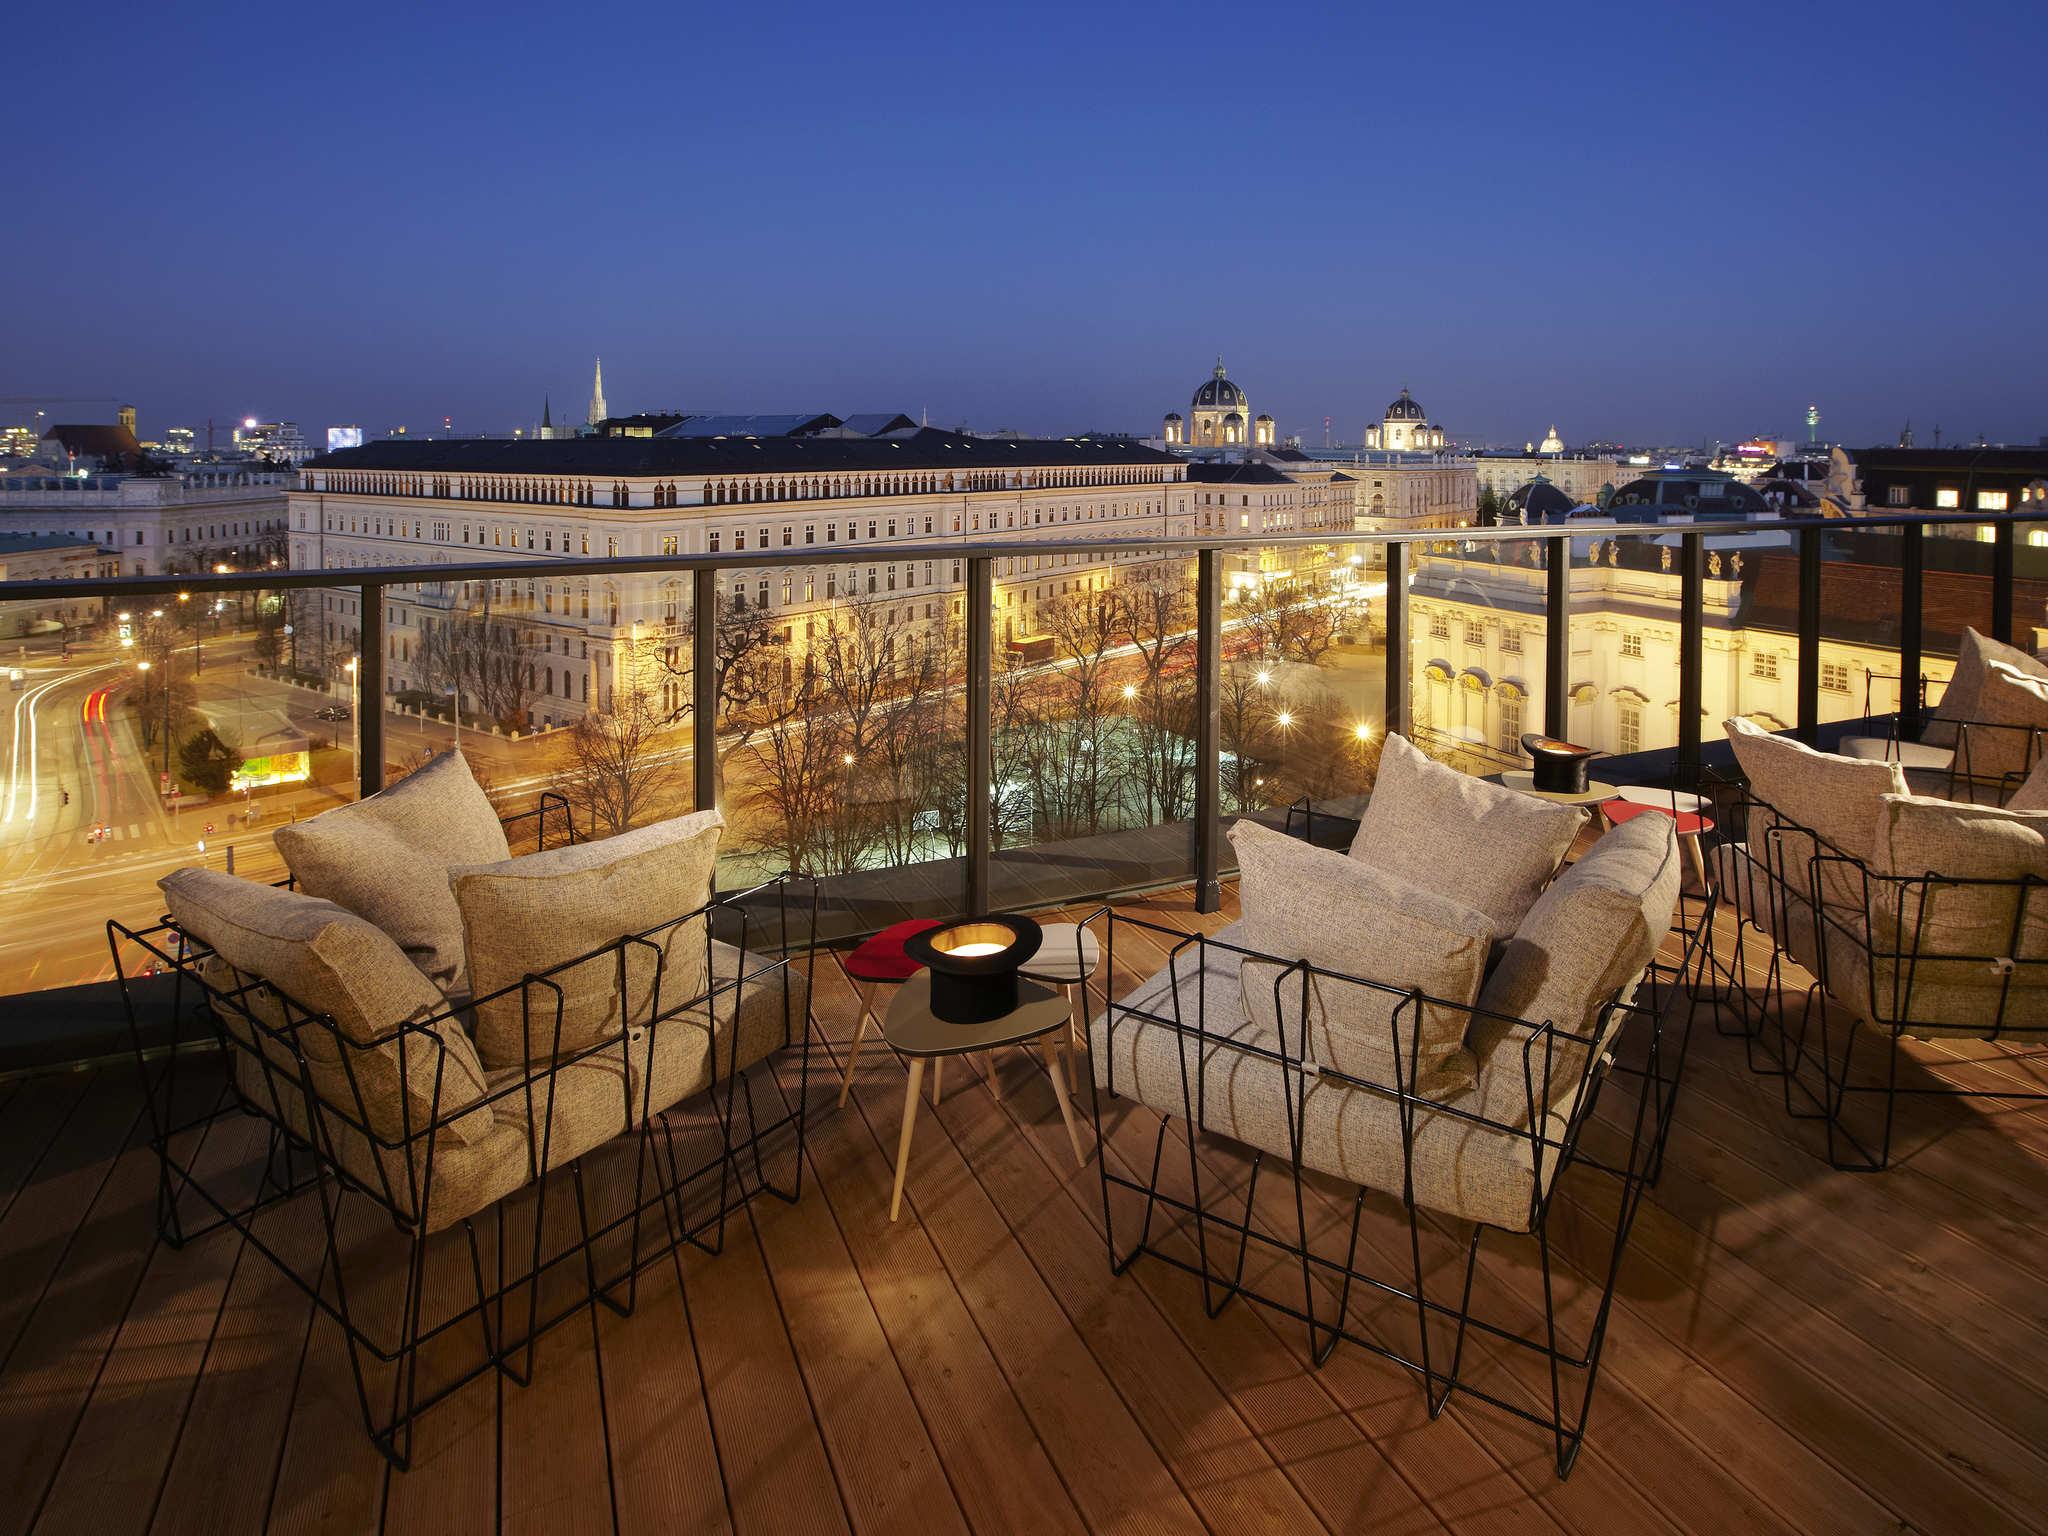 酒店 – 维也纳博物馆区 25 小时酒店